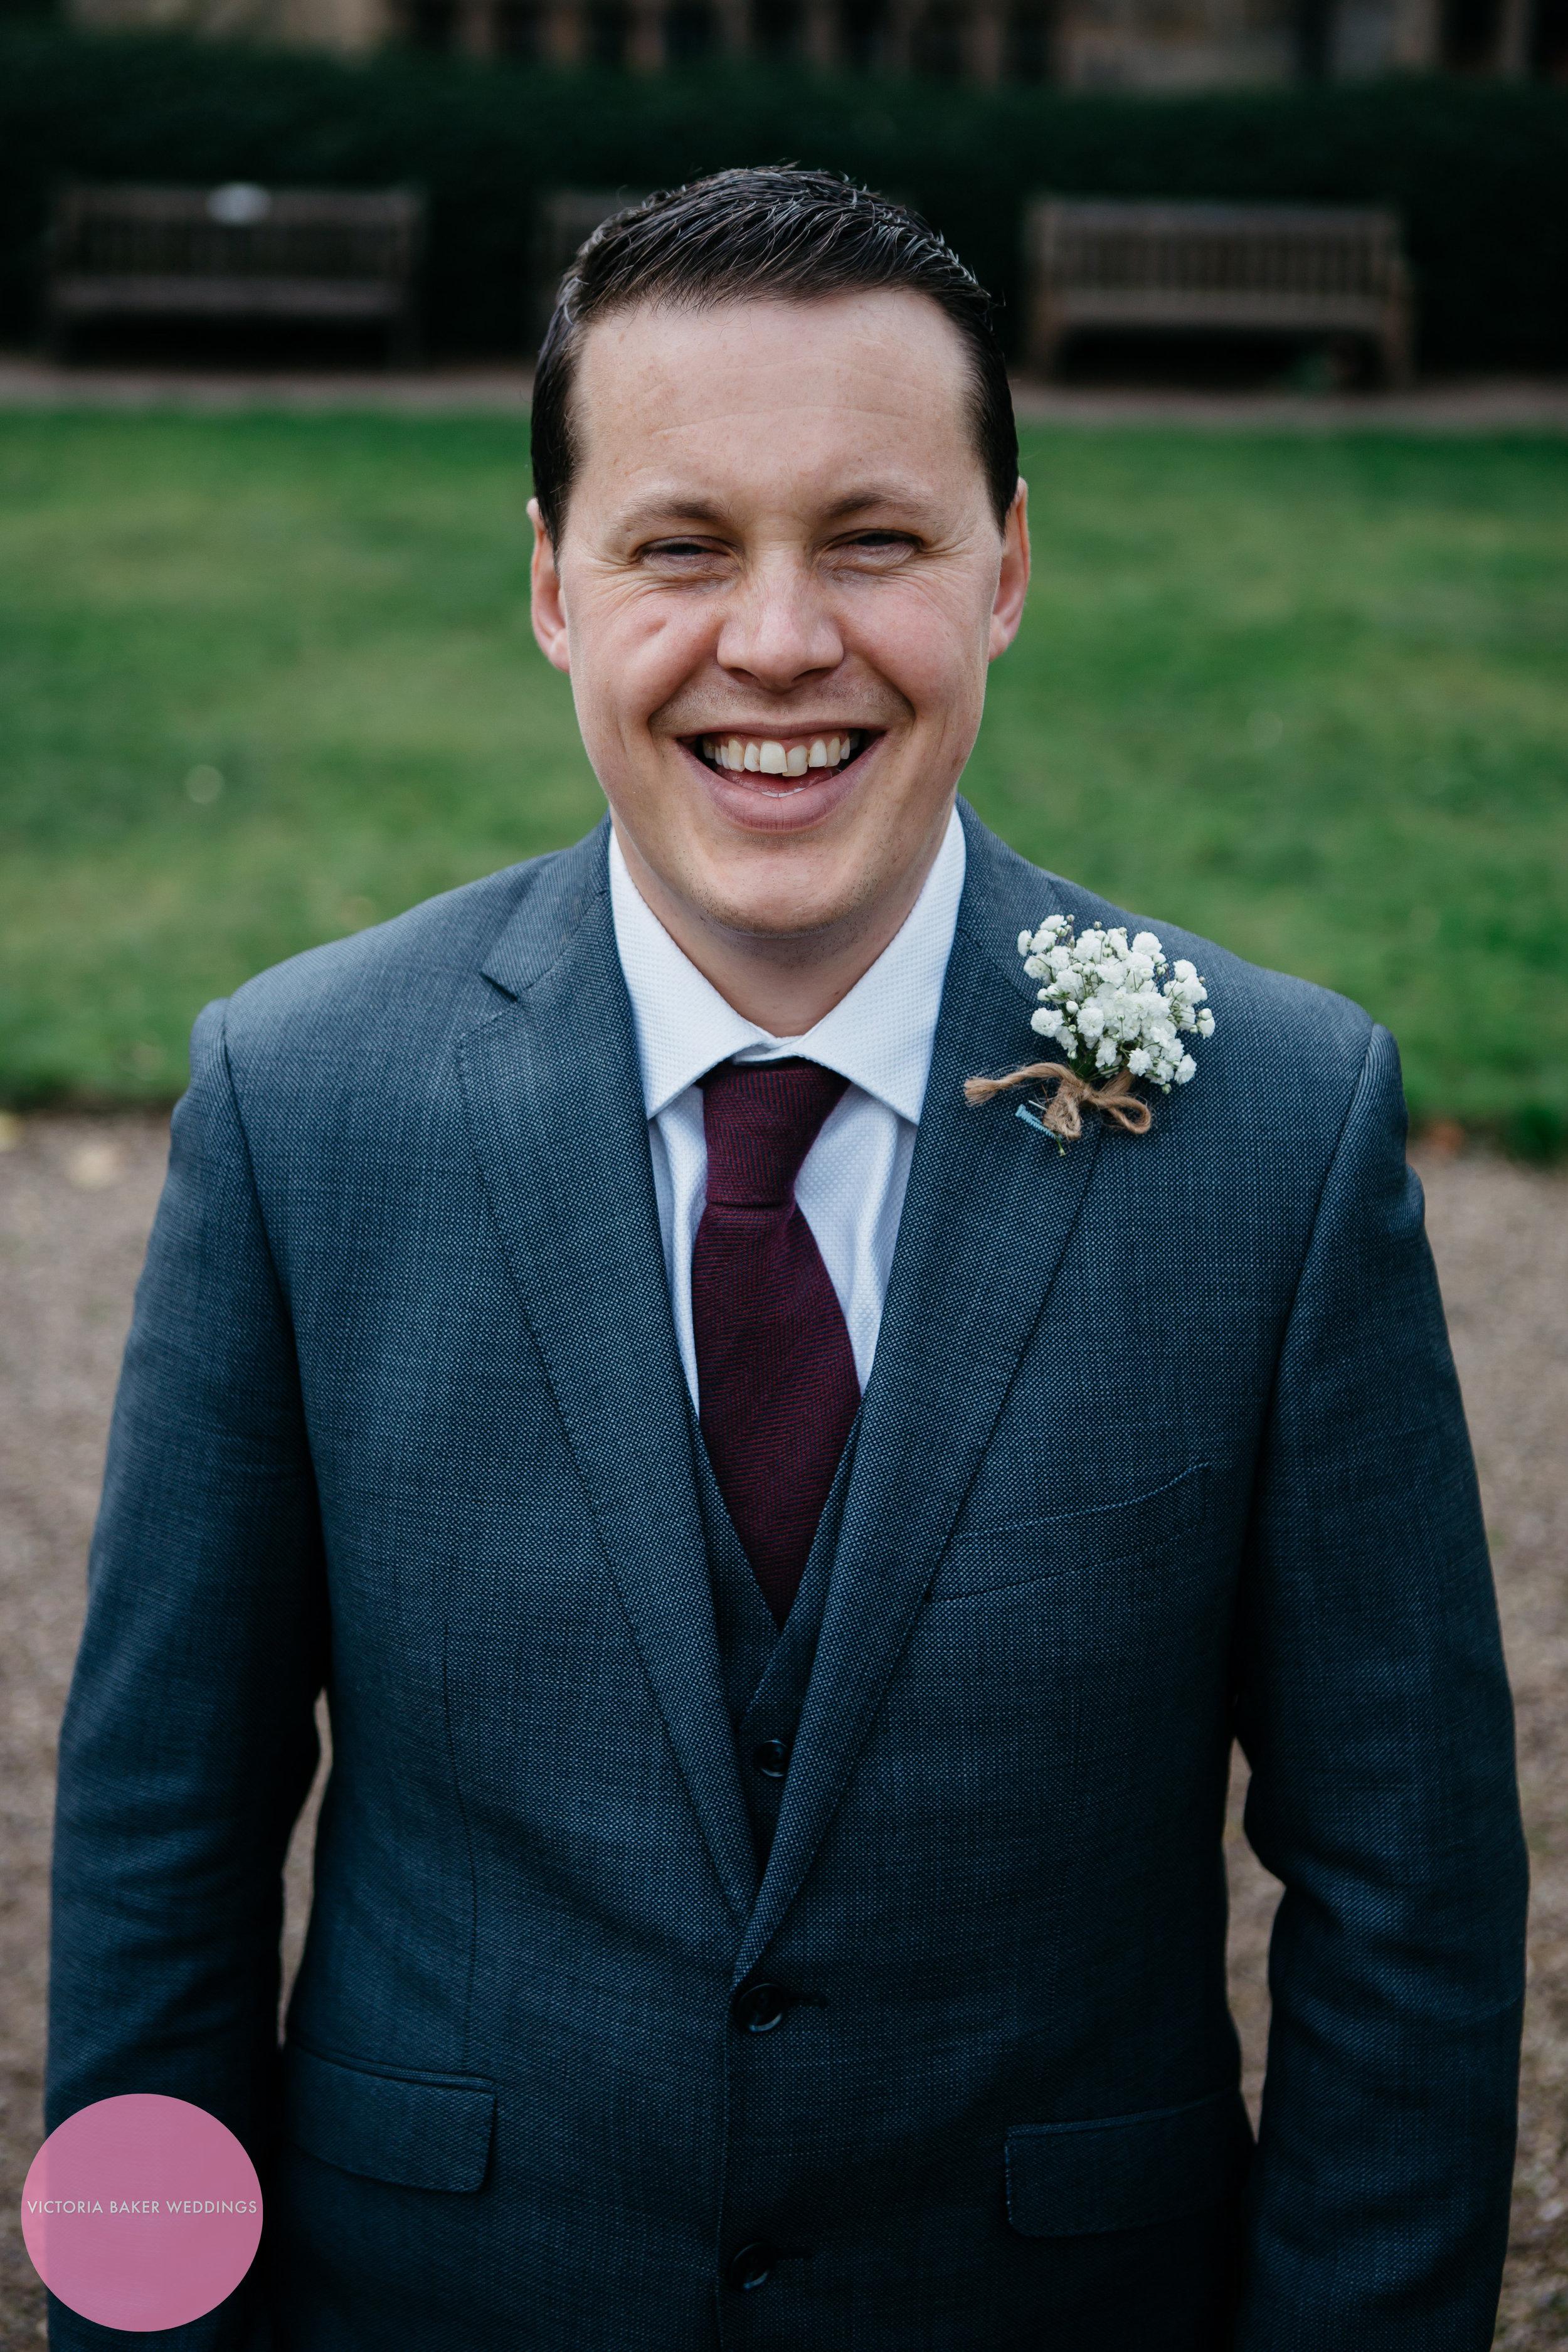 Groom Richard | Wedding Photography Leeds